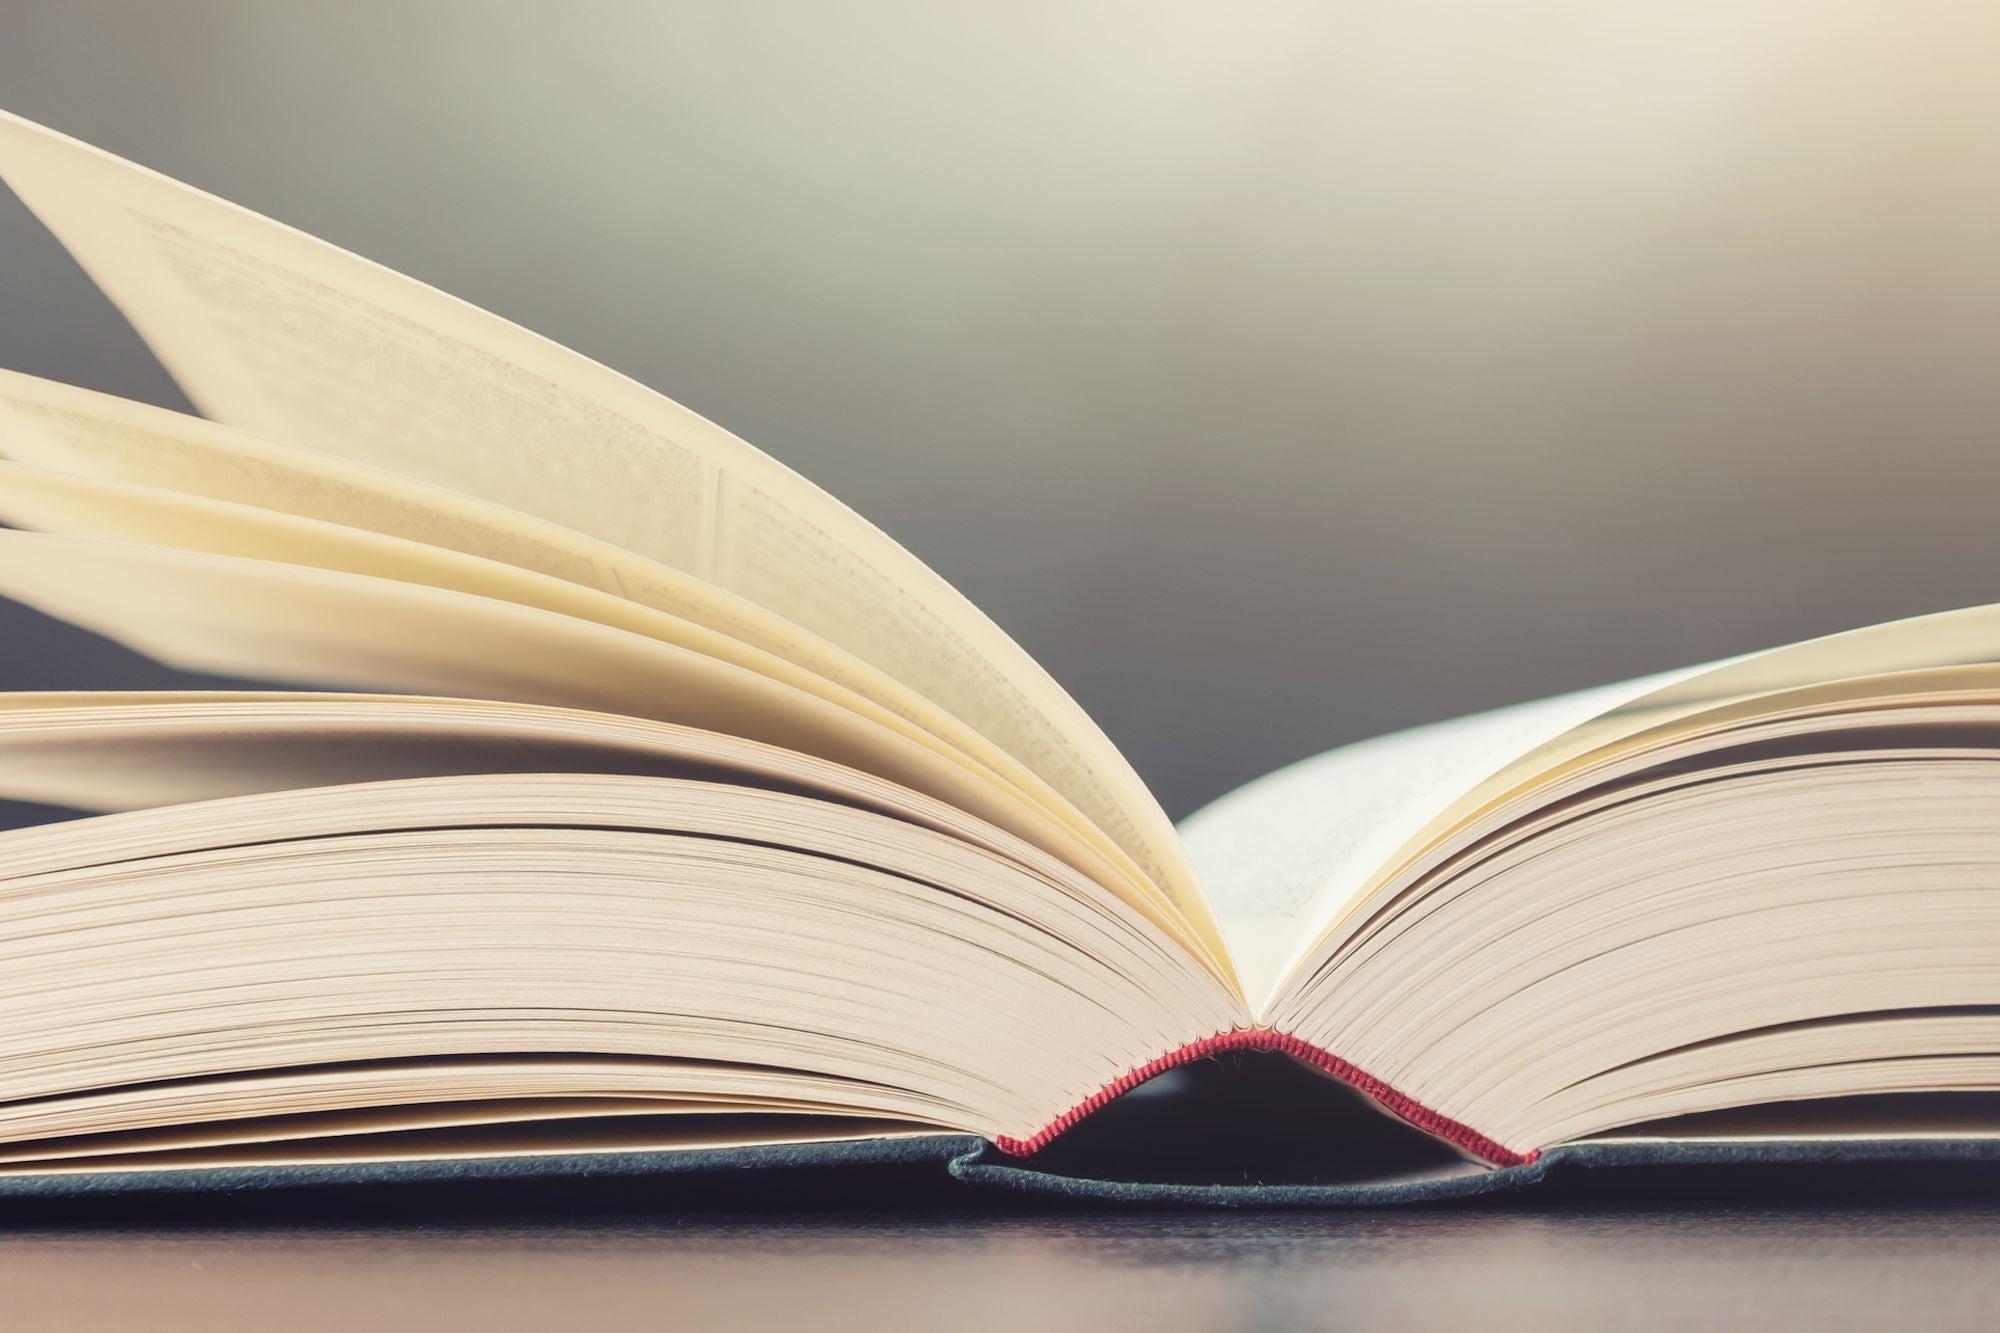 Non-Linear Books